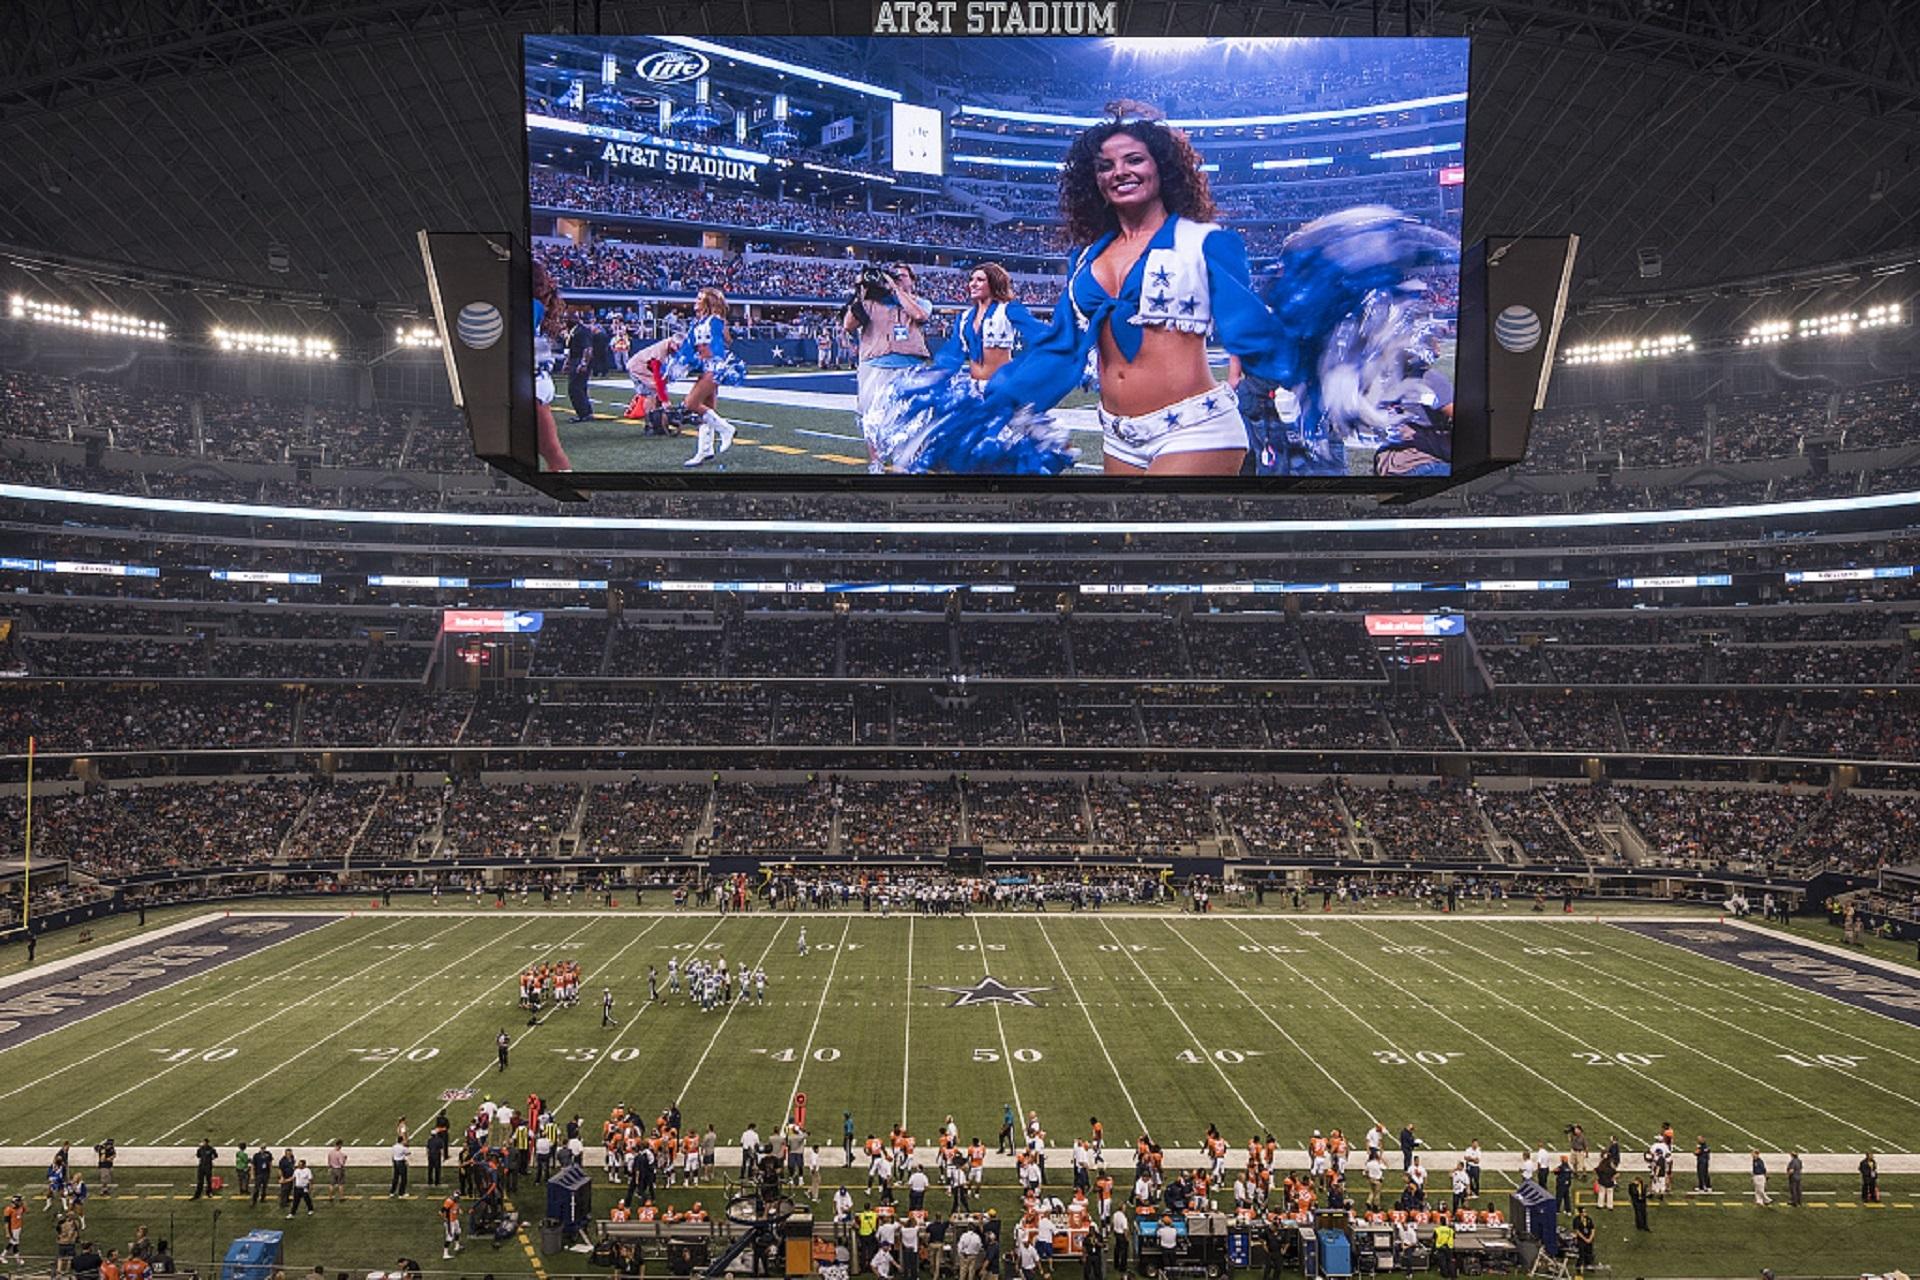 At & t stadium photo